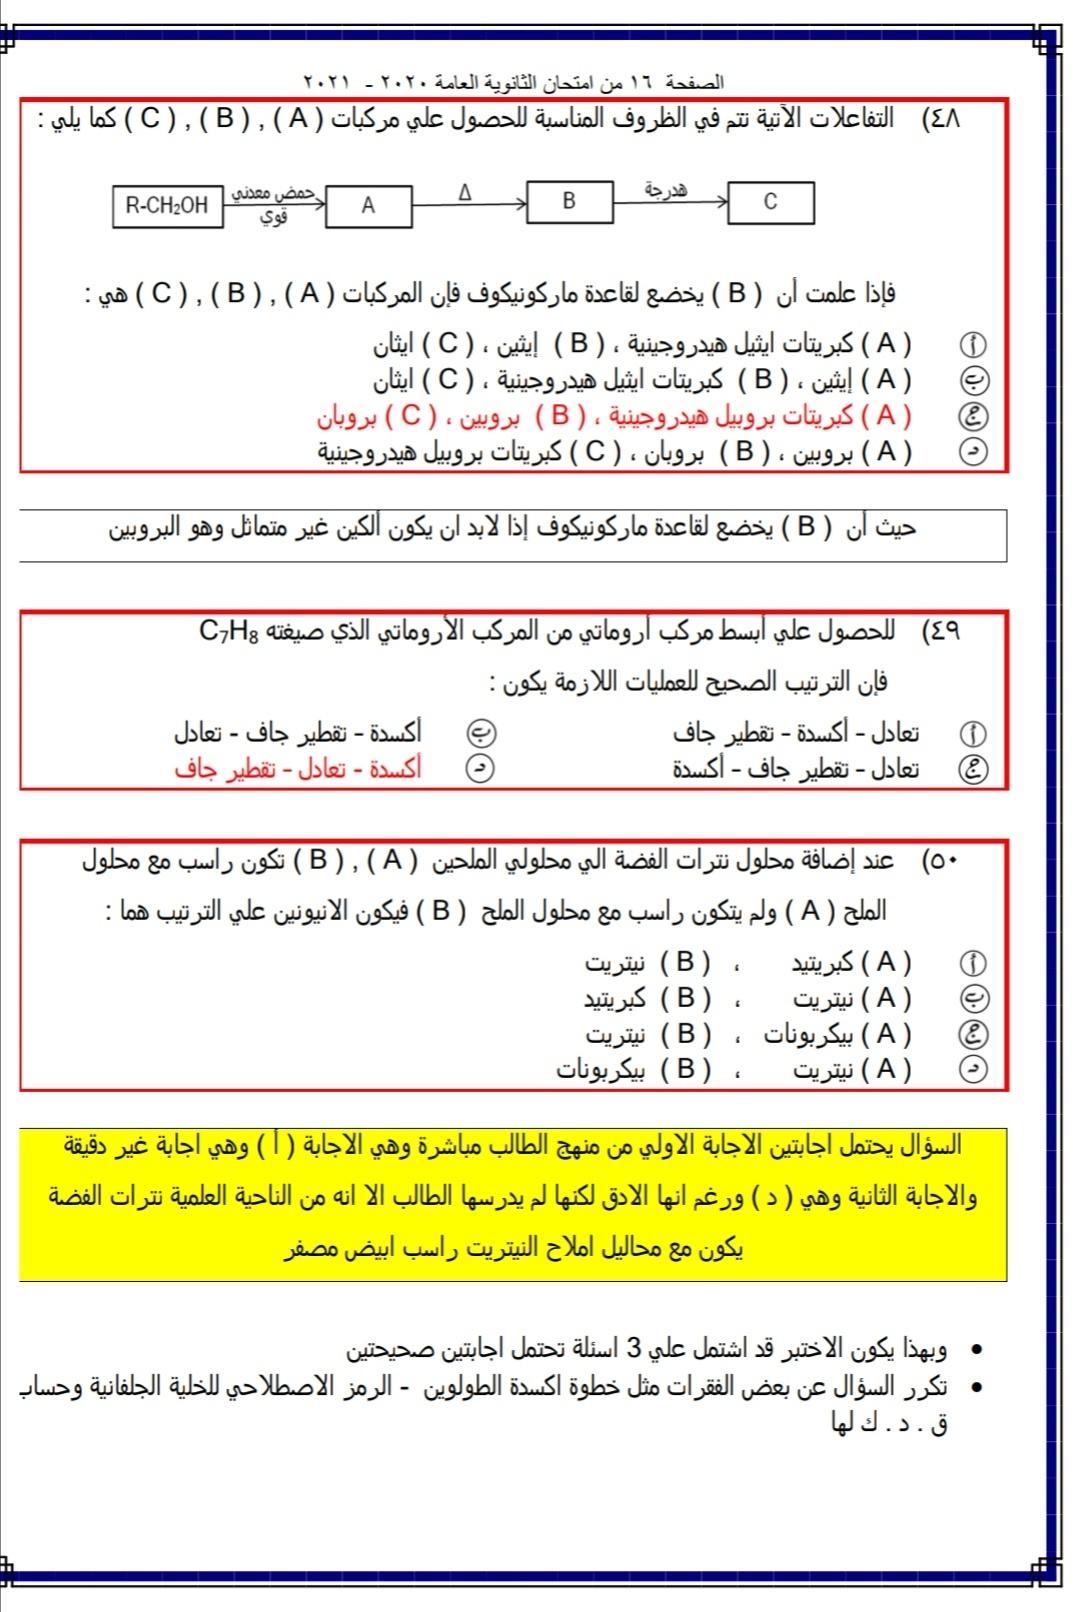 نموذج اجابة امتحان الكيمياء للثانوية العامة 2021 16